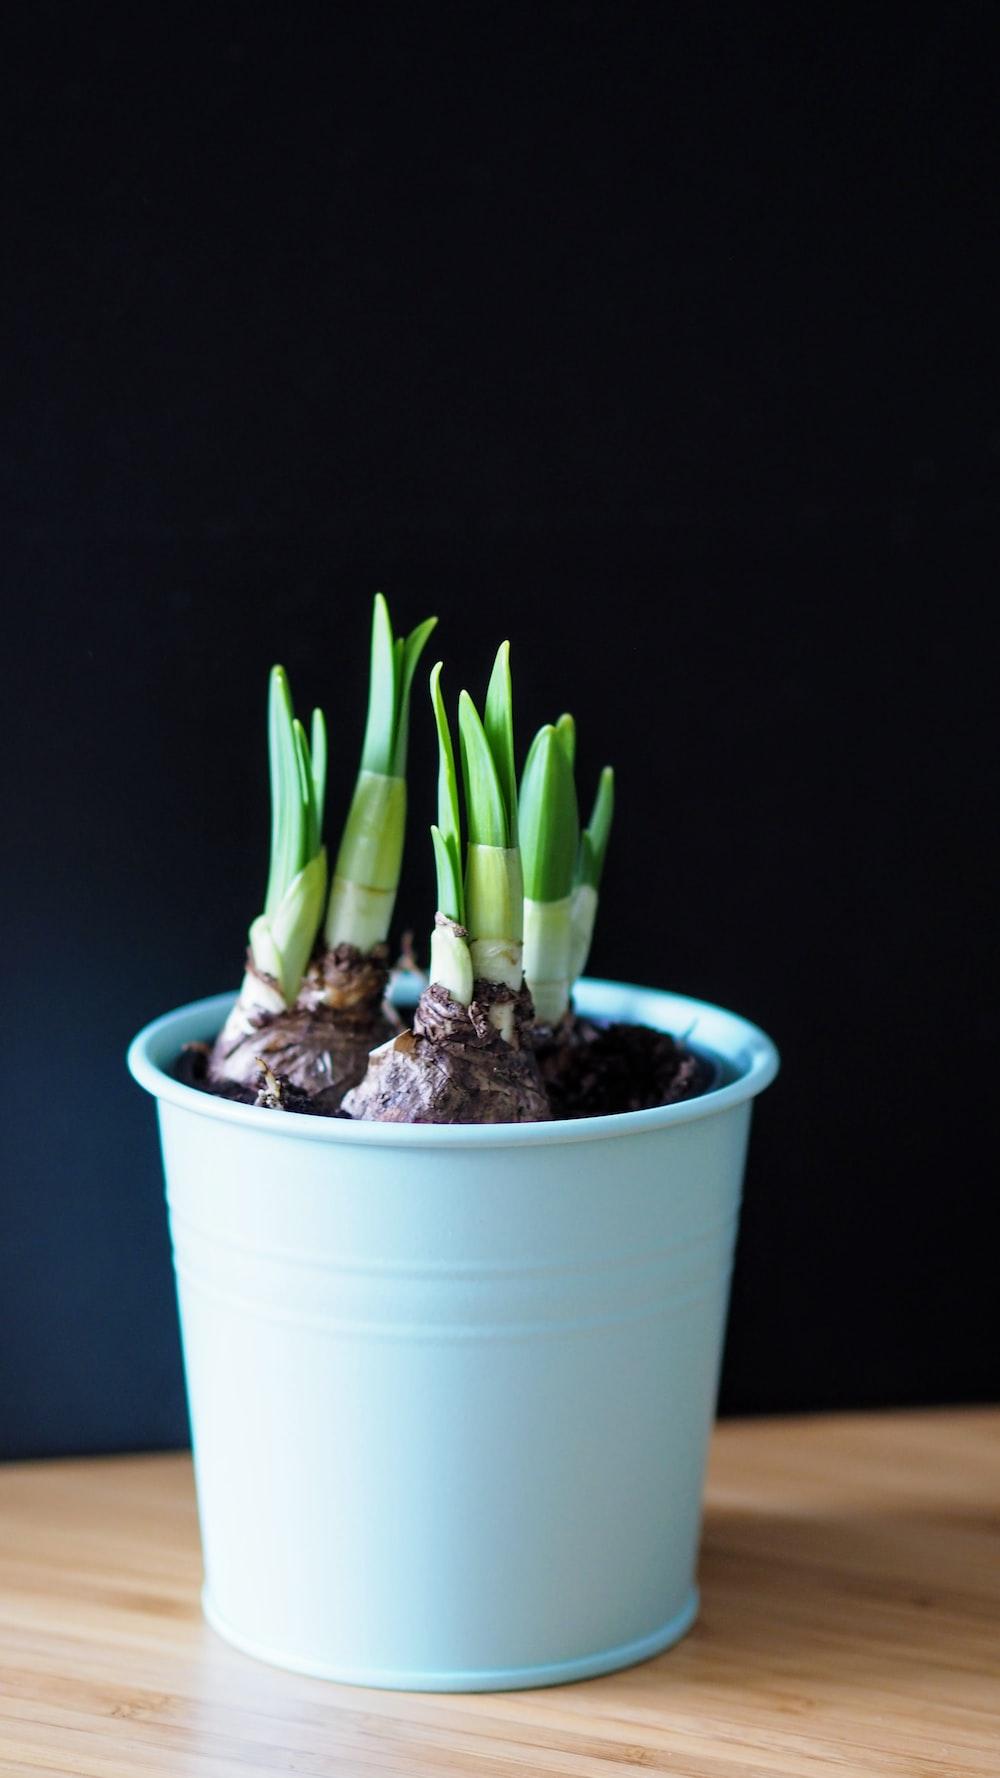 green aloe vera plant in blue pot